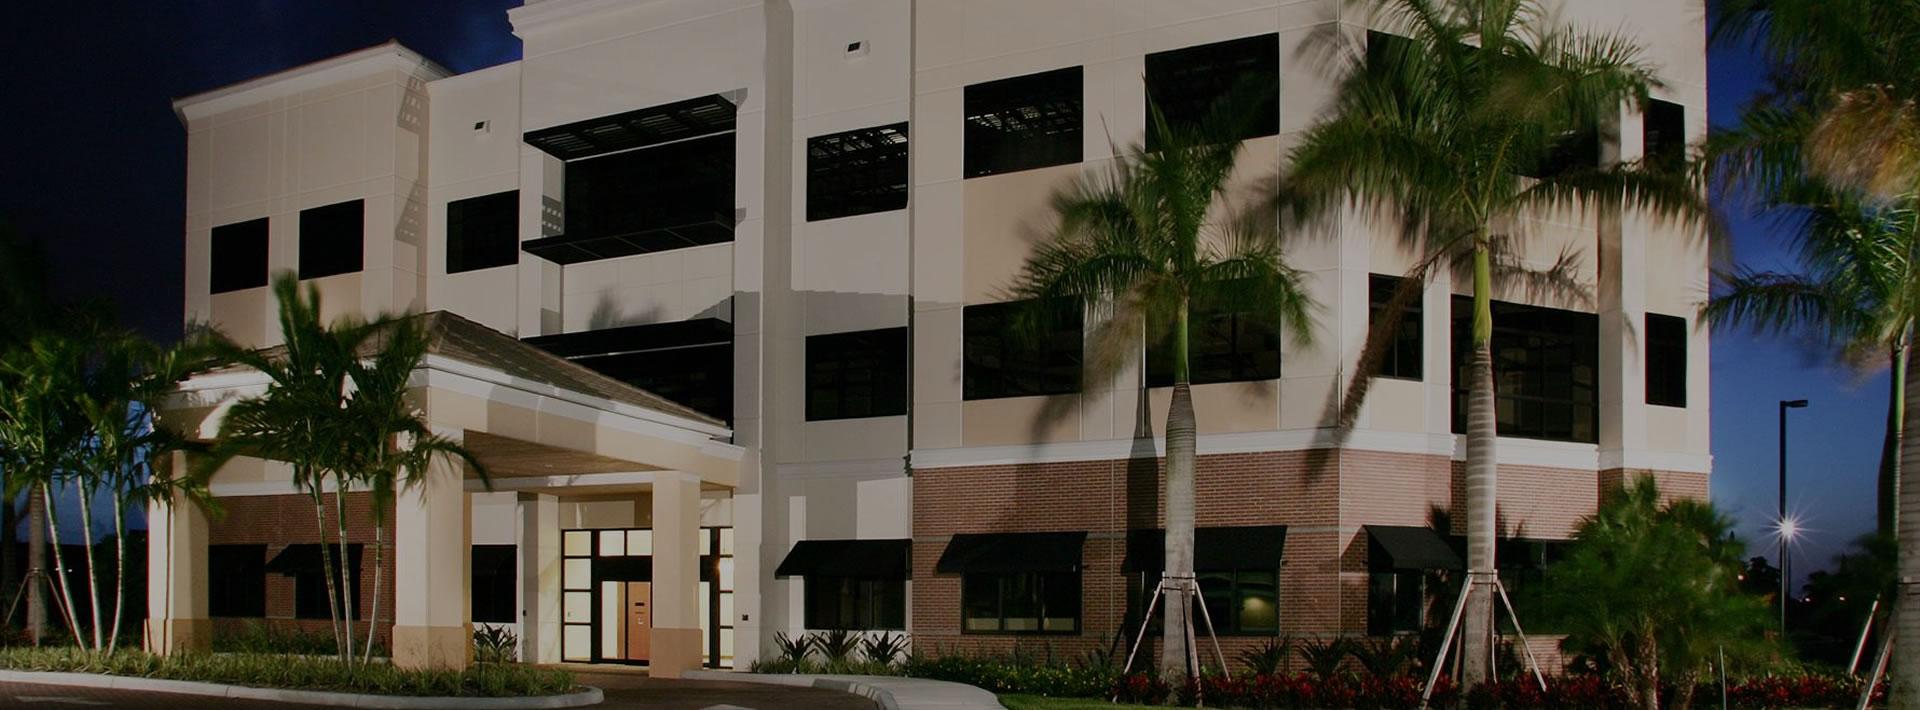 MedSpace USA Office